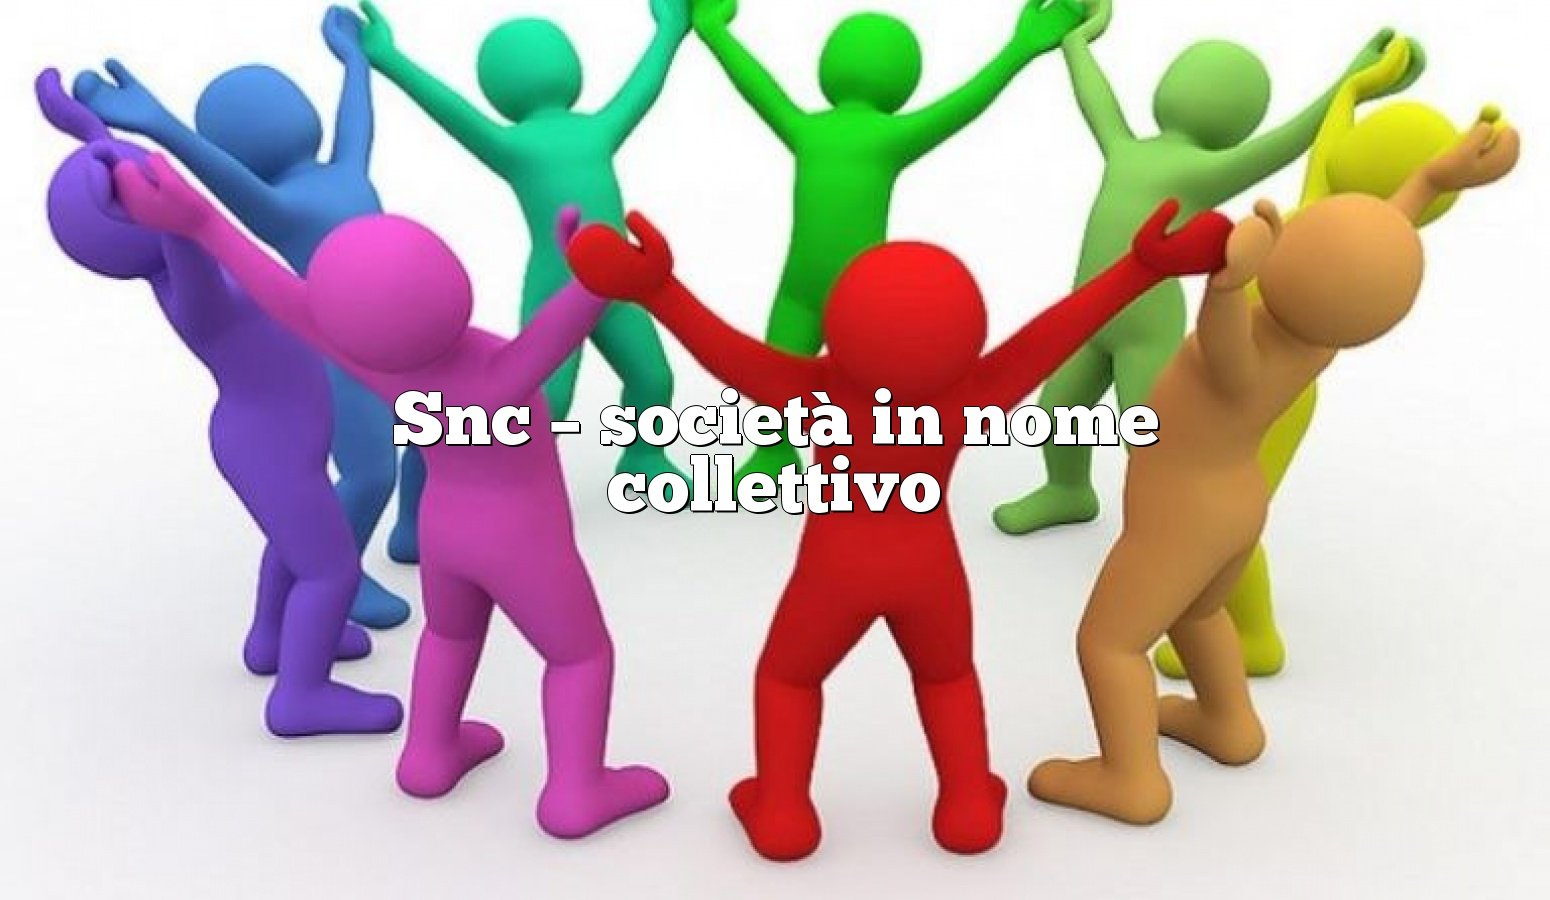 Snc societ in nome collettivo societaria for Giardino e nome collettivo